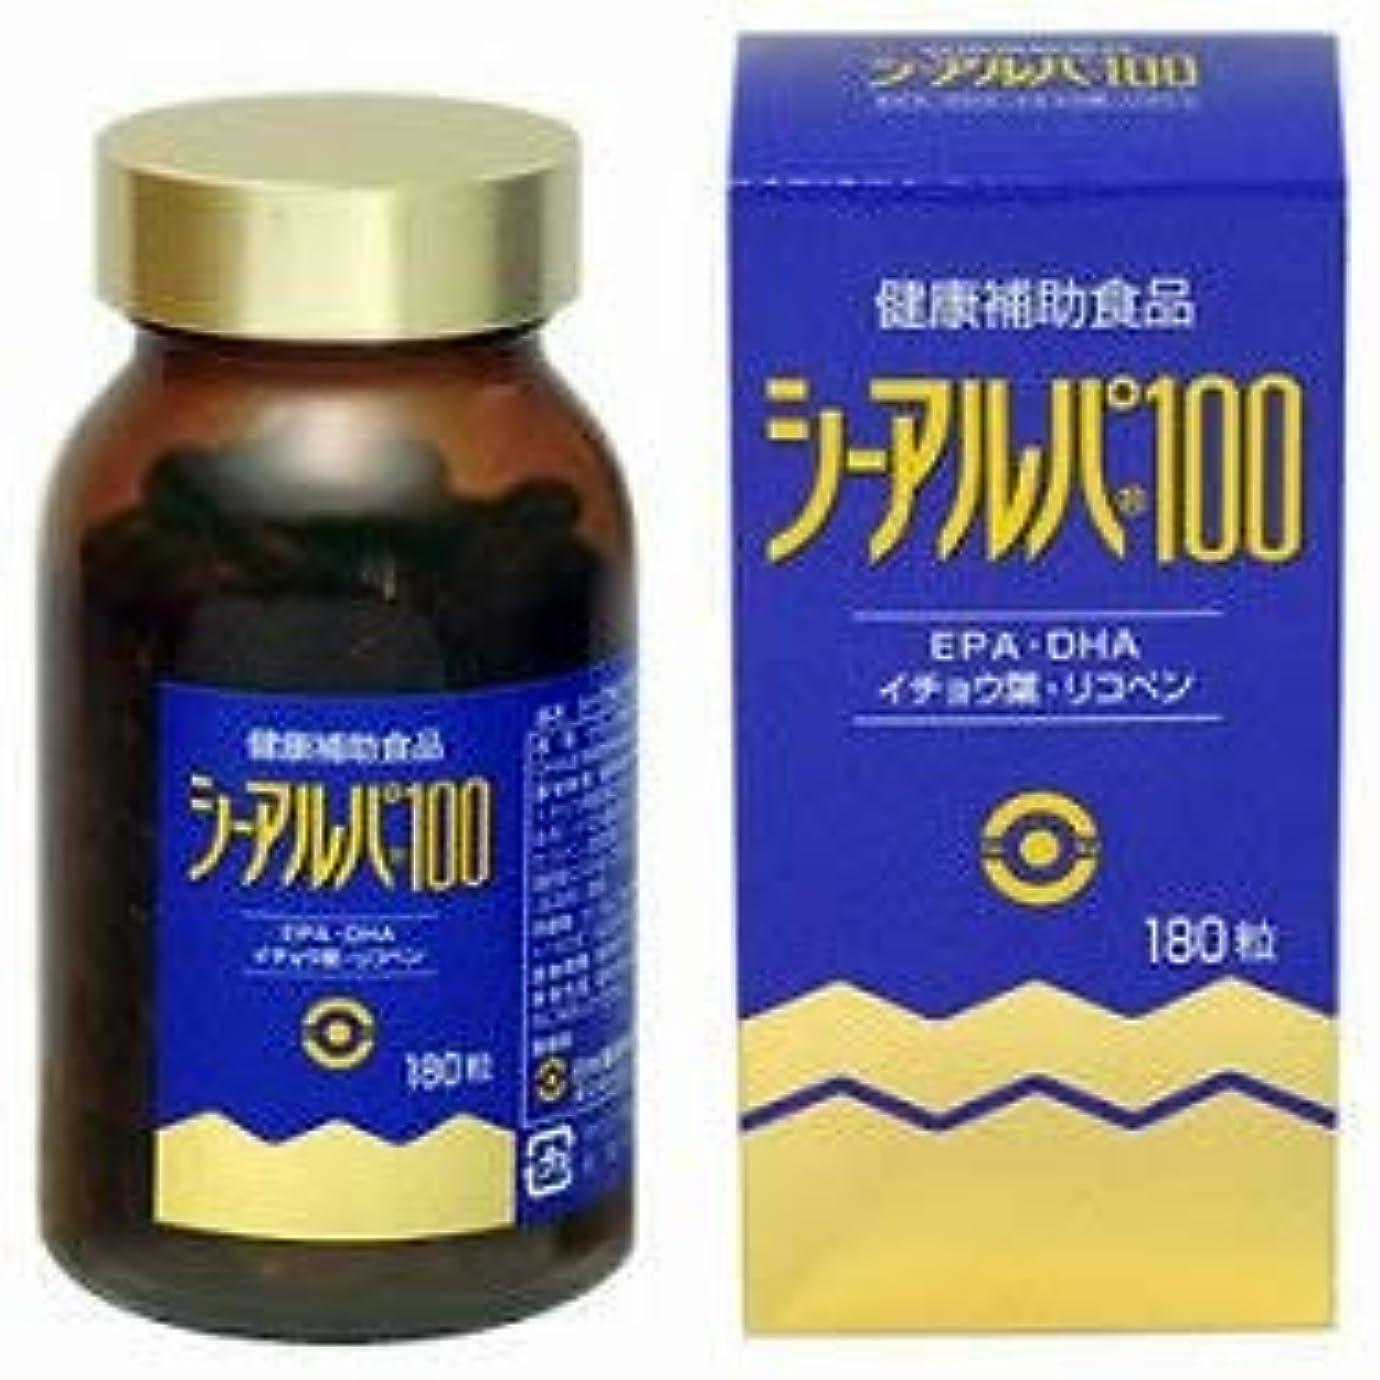 押すネブ単語【日水製薬】シーアルパ100 180粒